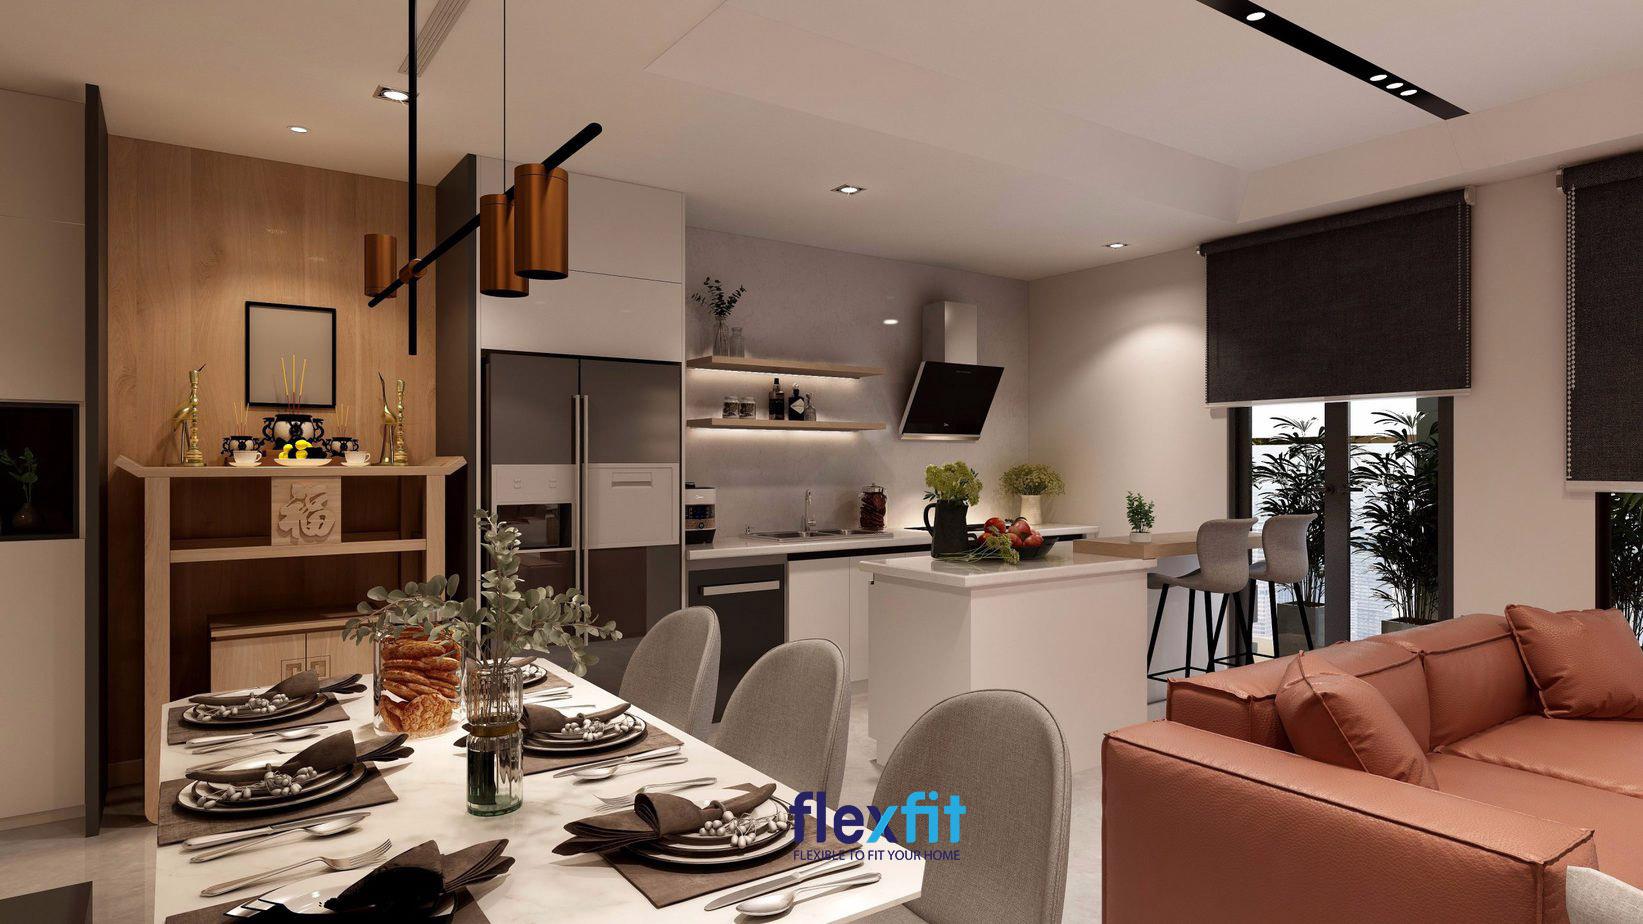 Xây dựng 2 nhà bếp trong một căn nhà hoàn toàn không sao.